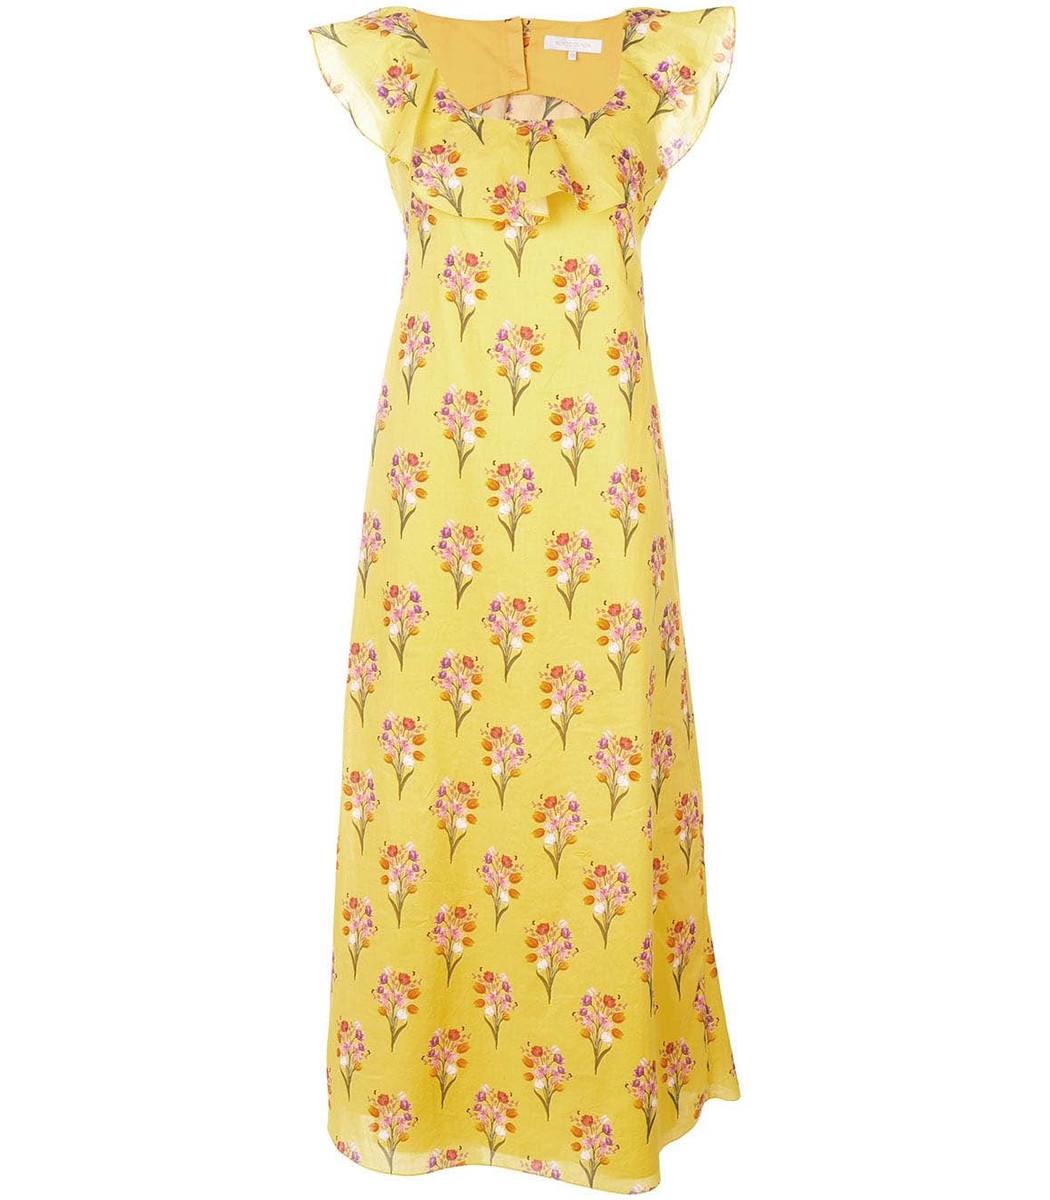 Borgo De Nor Sleeveless Floral Maxi Dress